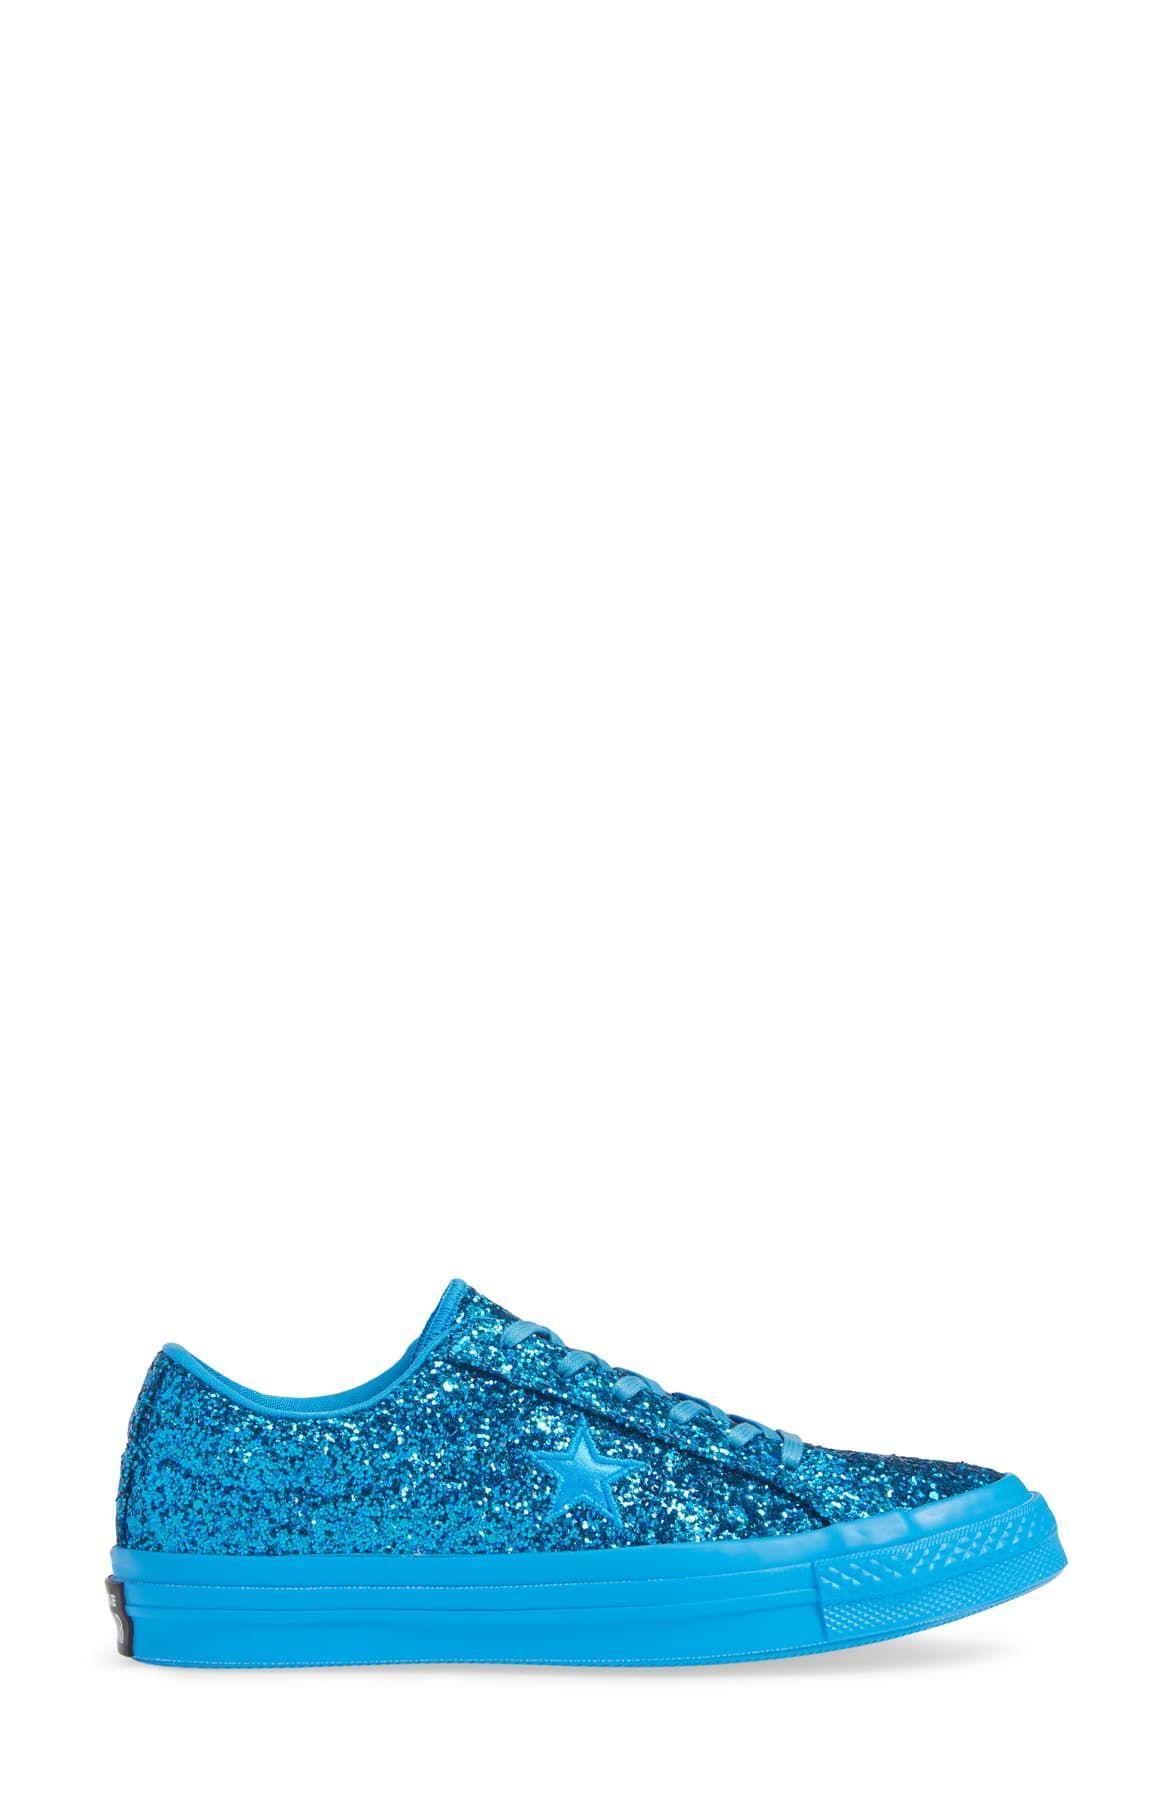 converse donna blu glitter